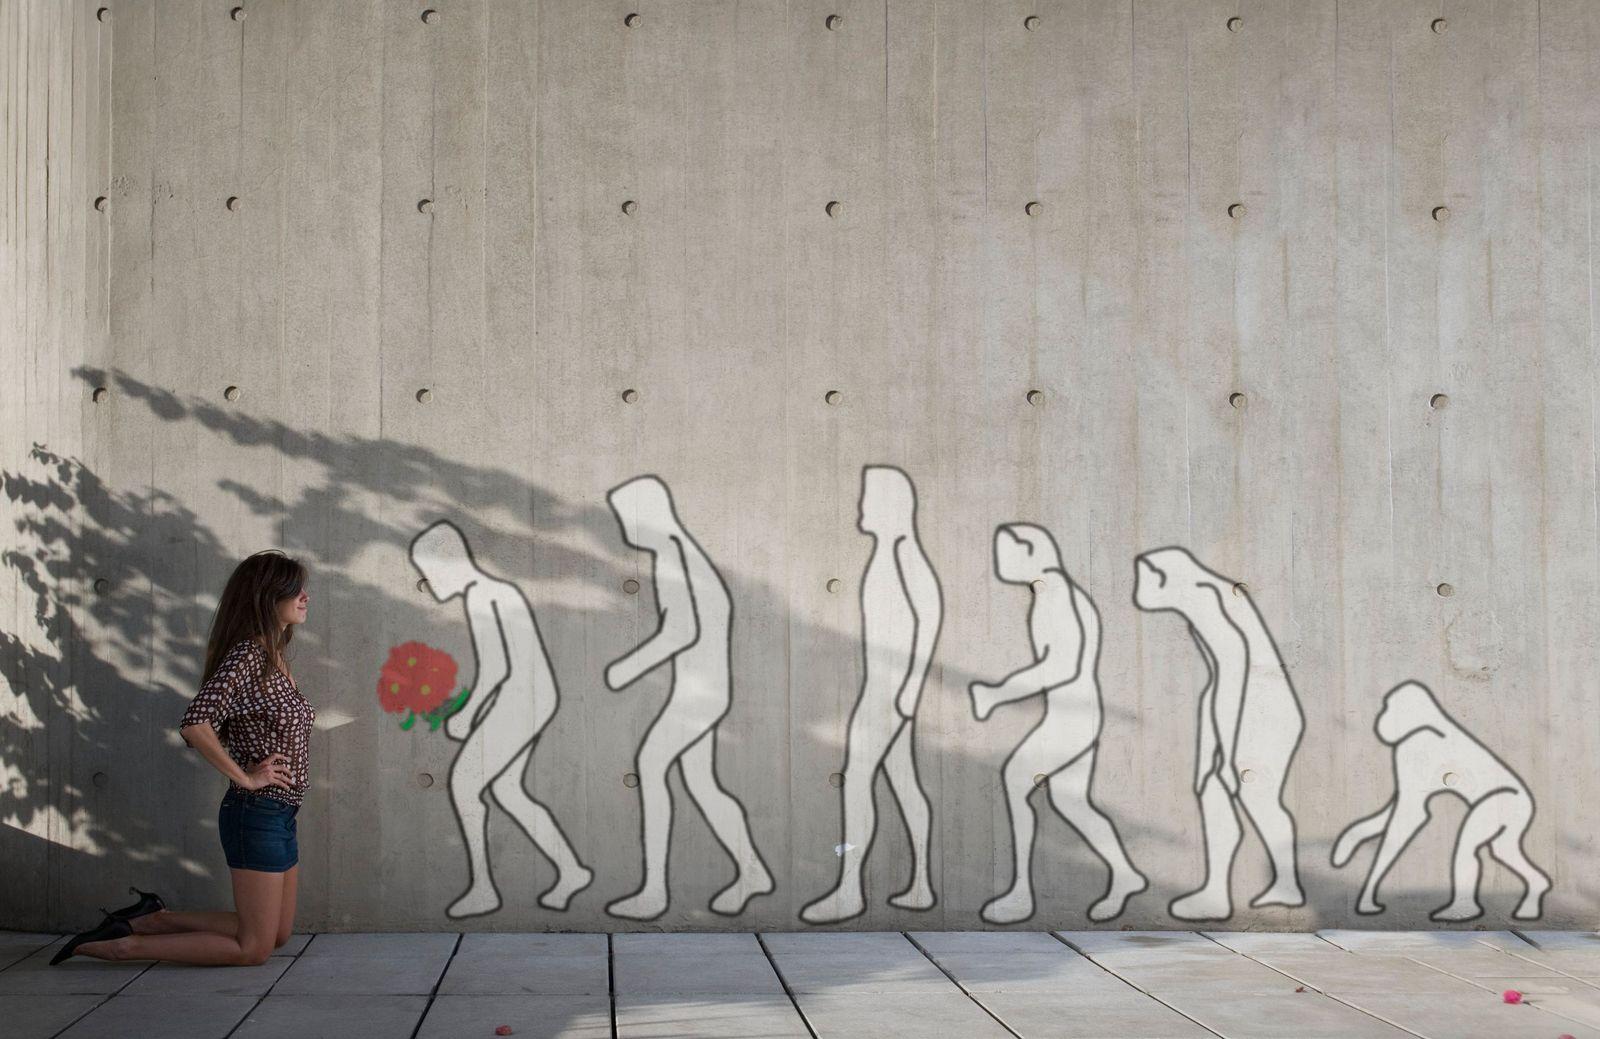 NICHT MEHR VERWENDEN! - SYMBOLBILD Evolution